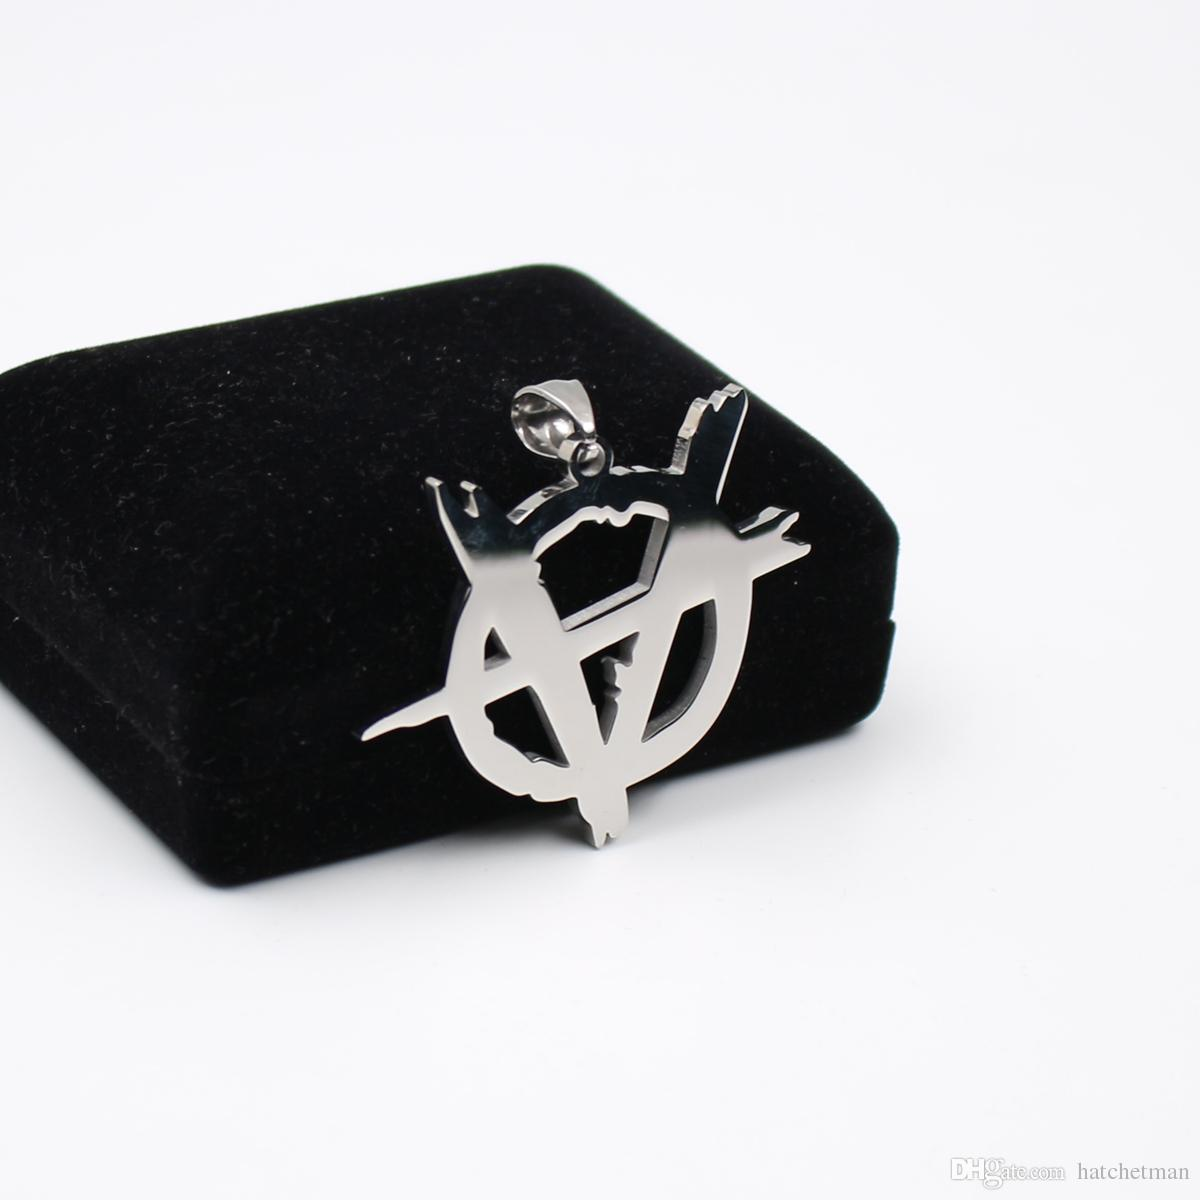 Specchio alto lucidato Twiztid Abominationz Logo Platinum Style charm pendente in acciaio inox Collana con sfera da 30 pollici DHL spedizione gratuita